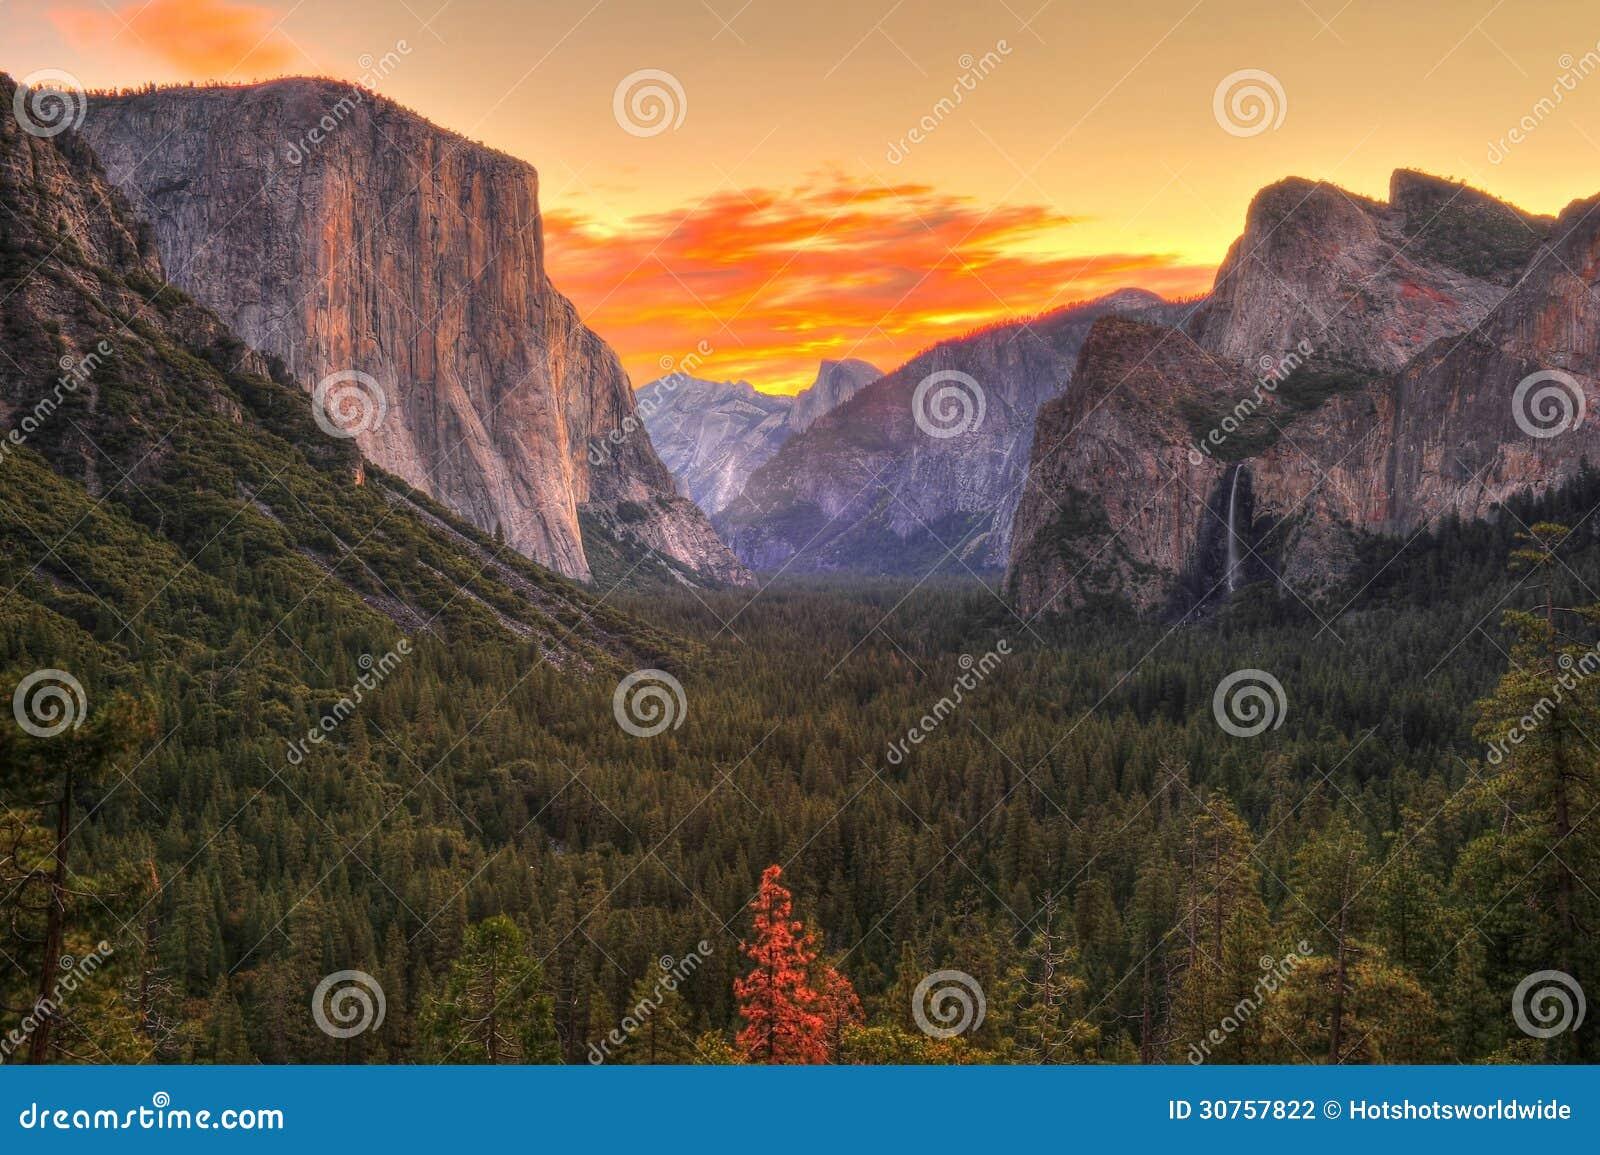 Breathtaking Yosemite park narodowy przy wschodem słońca, świtem/, Kalifornia